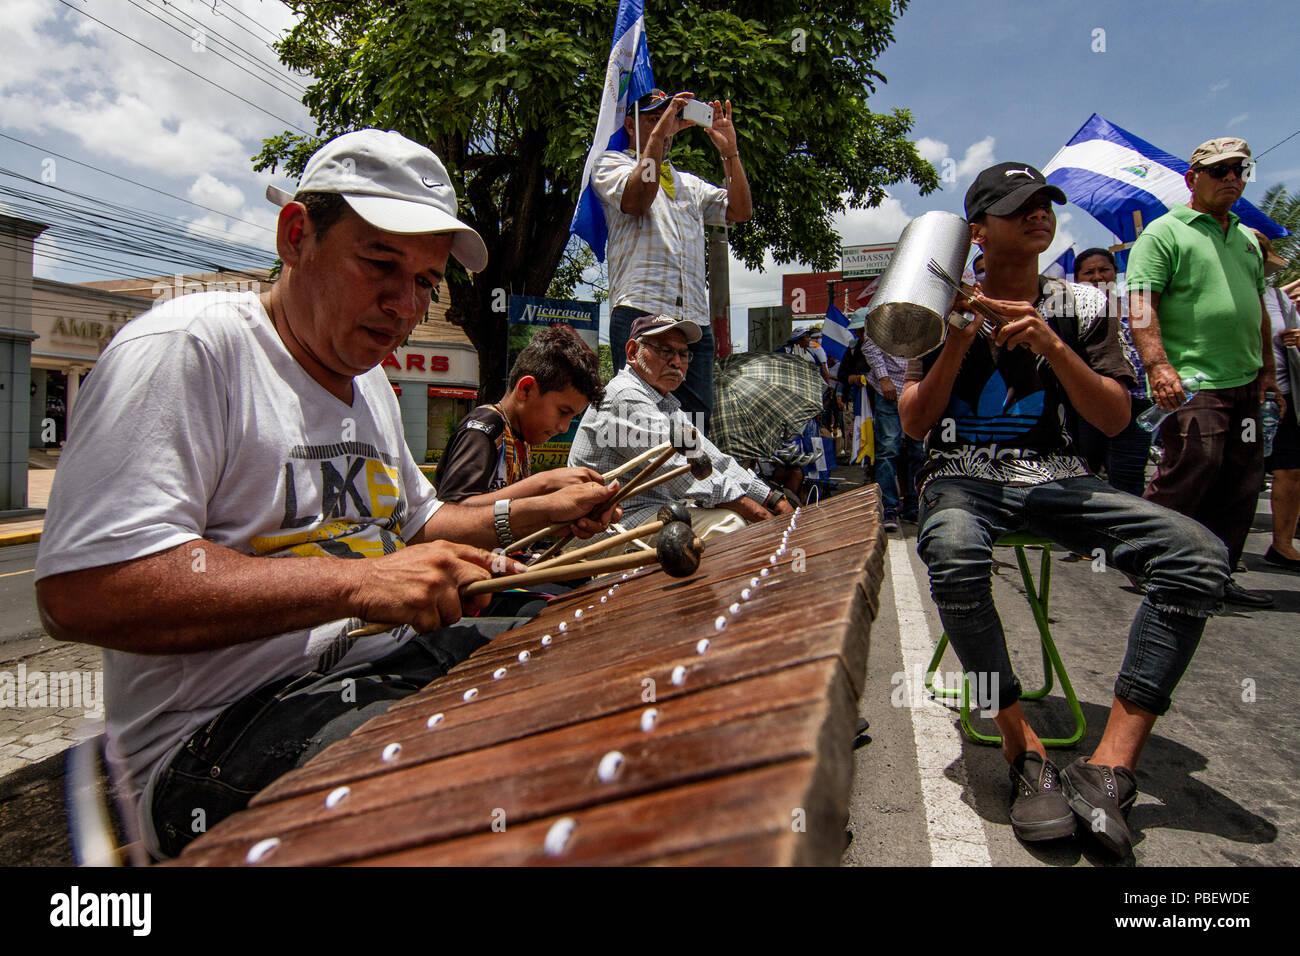 Managua, Nicaragua. 28 de julio 2018 Un señor toca la tradicional marimba mientras ciudadanos marchan este sábado en respaldo a obispos y sacerdotes de Nicaragua, en la crisis que sufre el país luego de más de 100 días de protestas contra el gobierno. - Stock Image